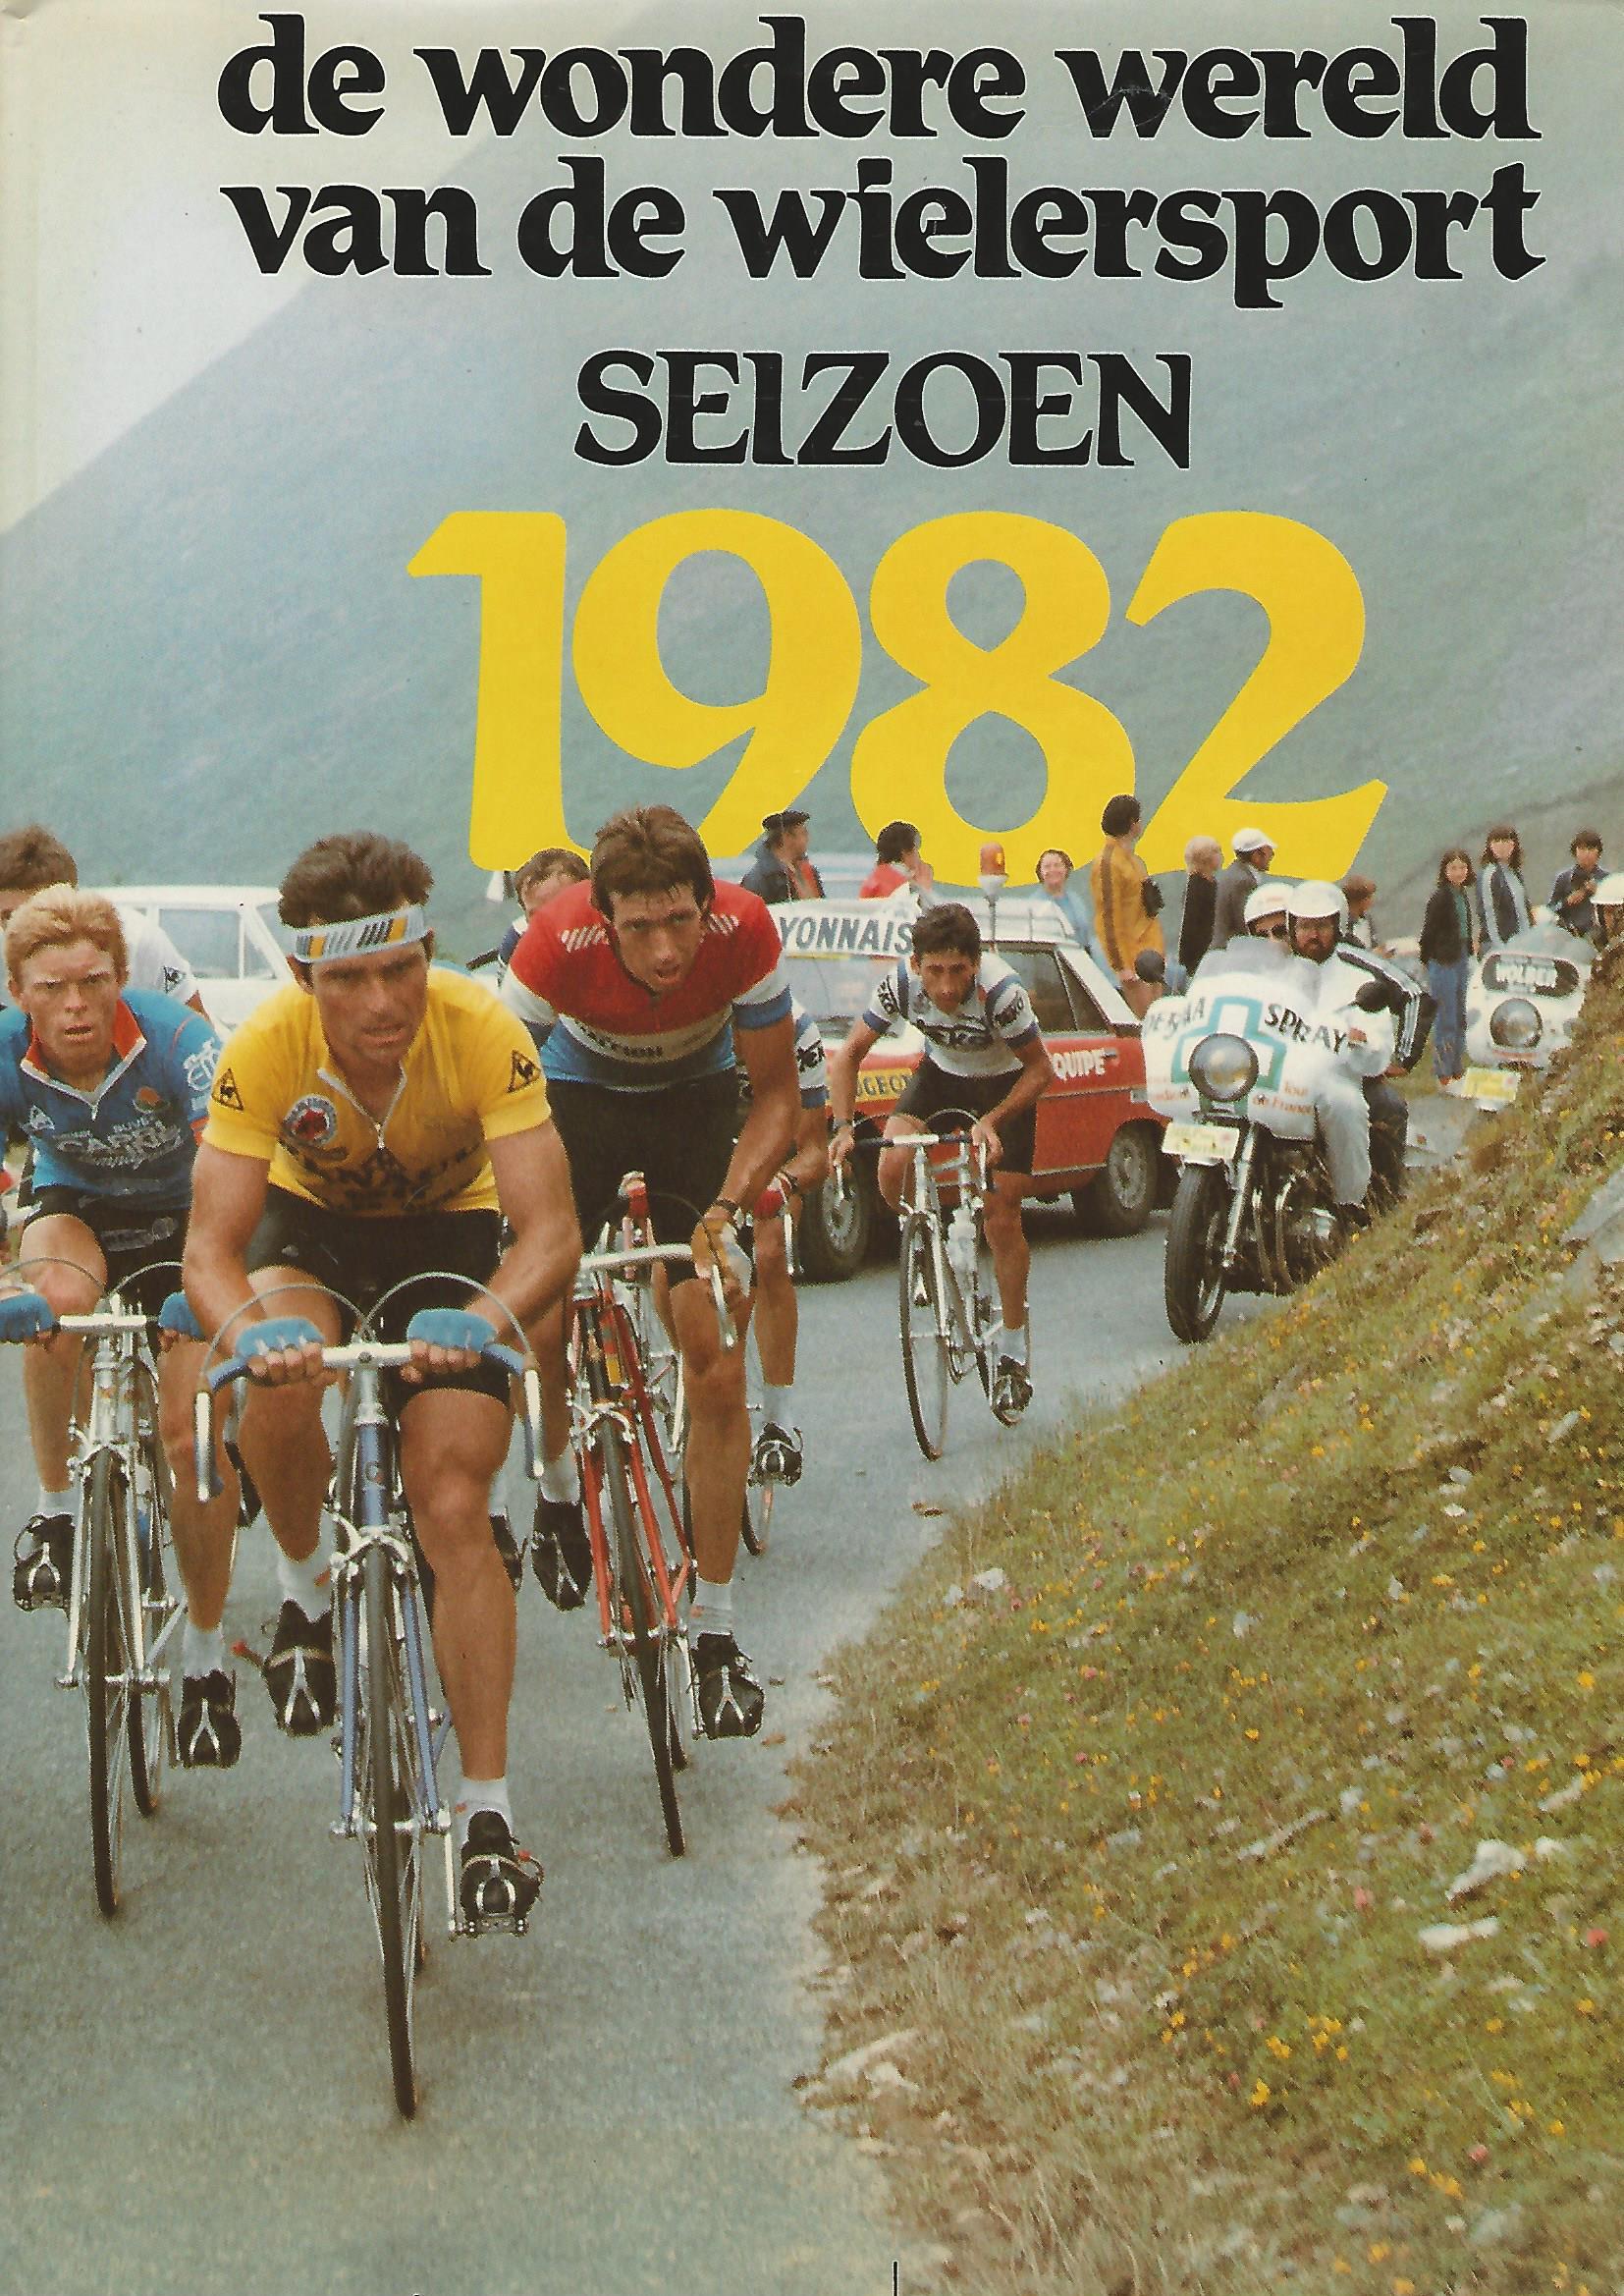 Tonnoir, Aldo en Merckx, Eddy - De wondere wereld van de wielersport. Seizoen 1982